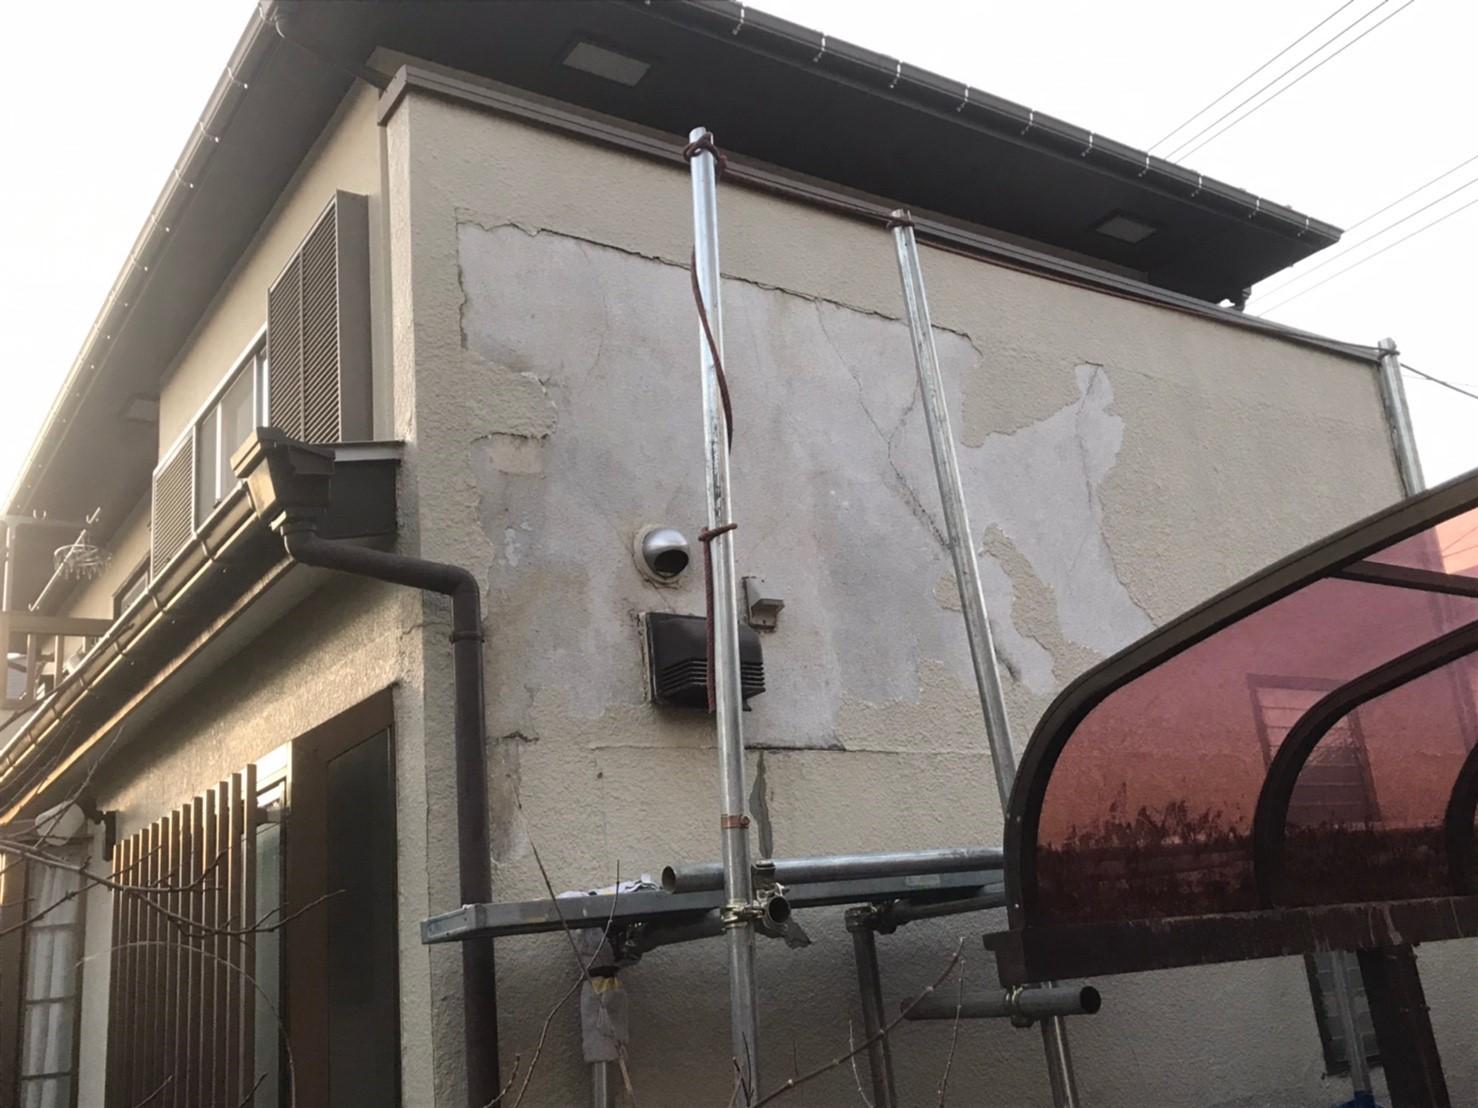 東京都国分寺市 外壁補修 モルタル 事前調査 (1)